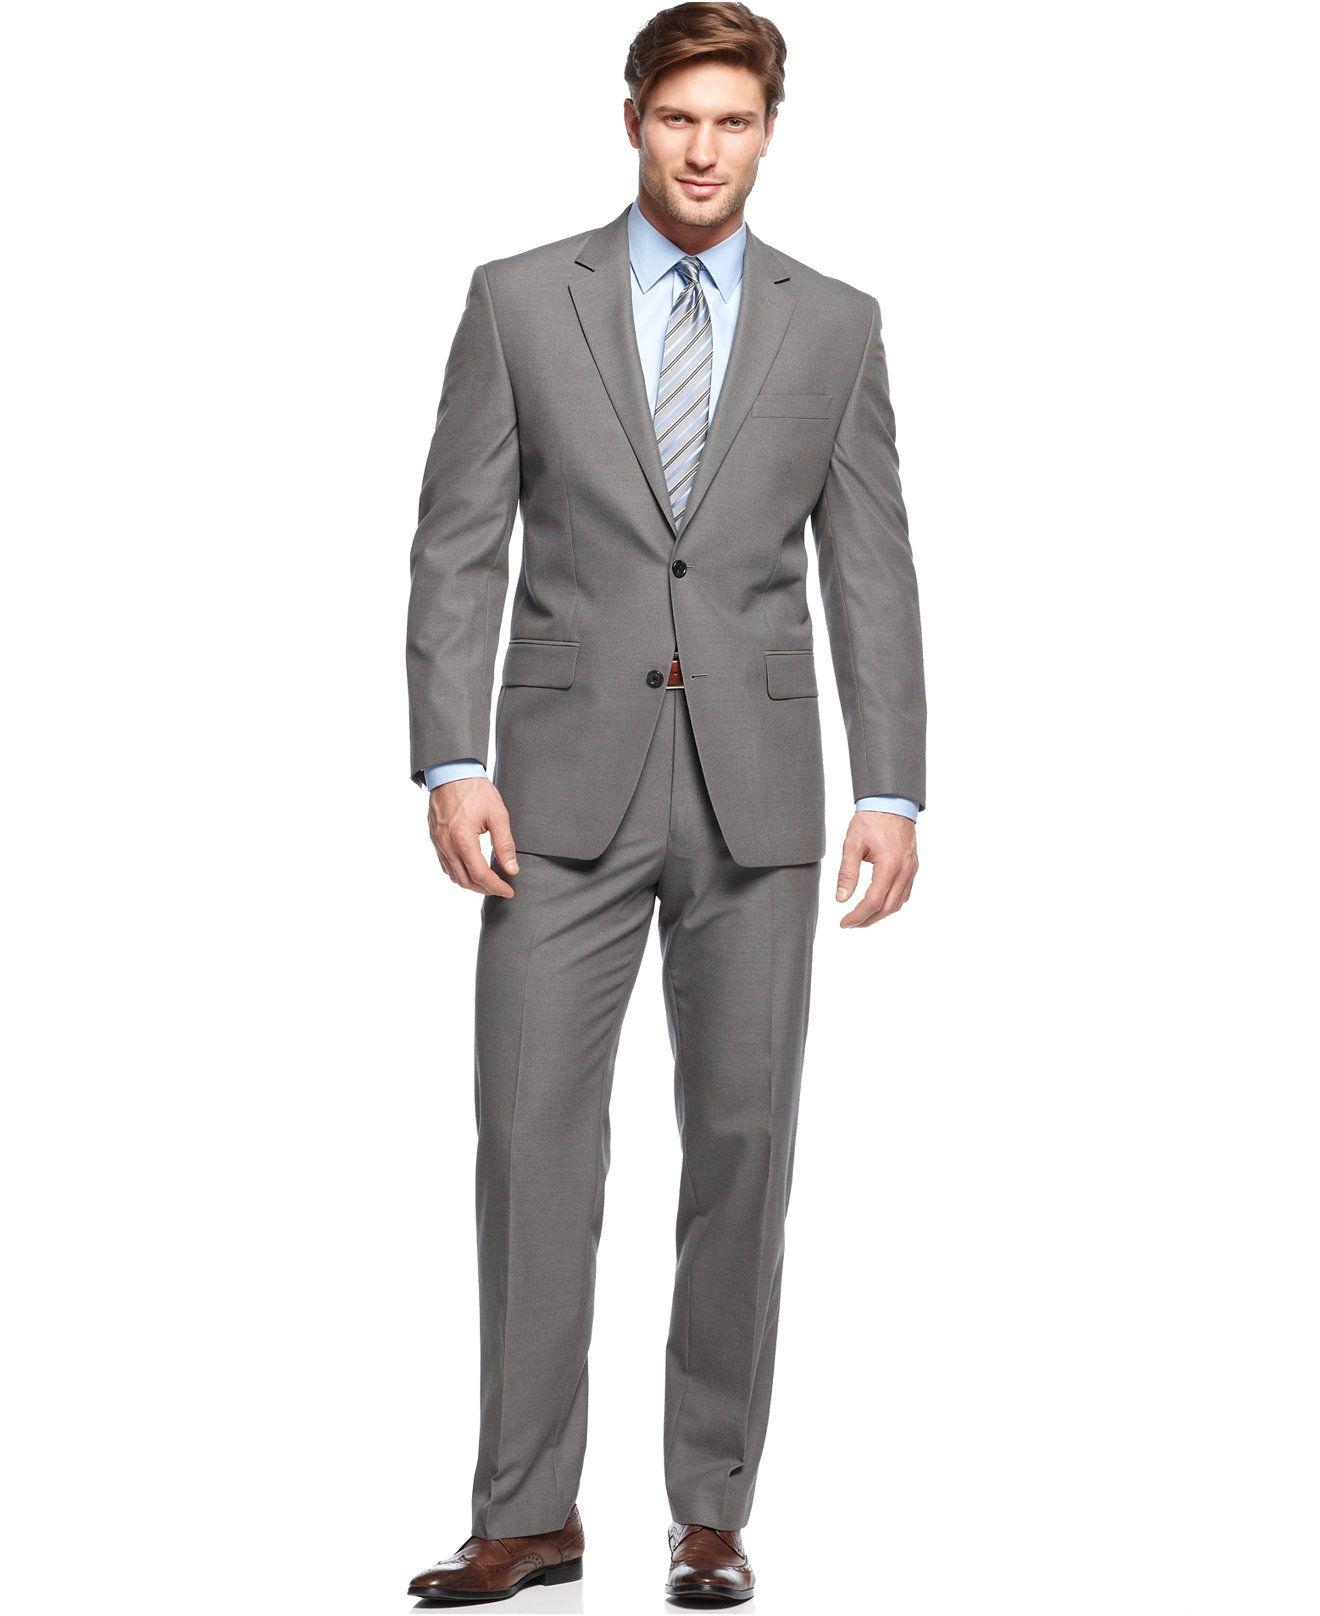 7326cf52b13 MICHAEL Michael Kors Grey Mini-Stripe Suit Separates - Suits   Suit  Separates - Men - Macy s